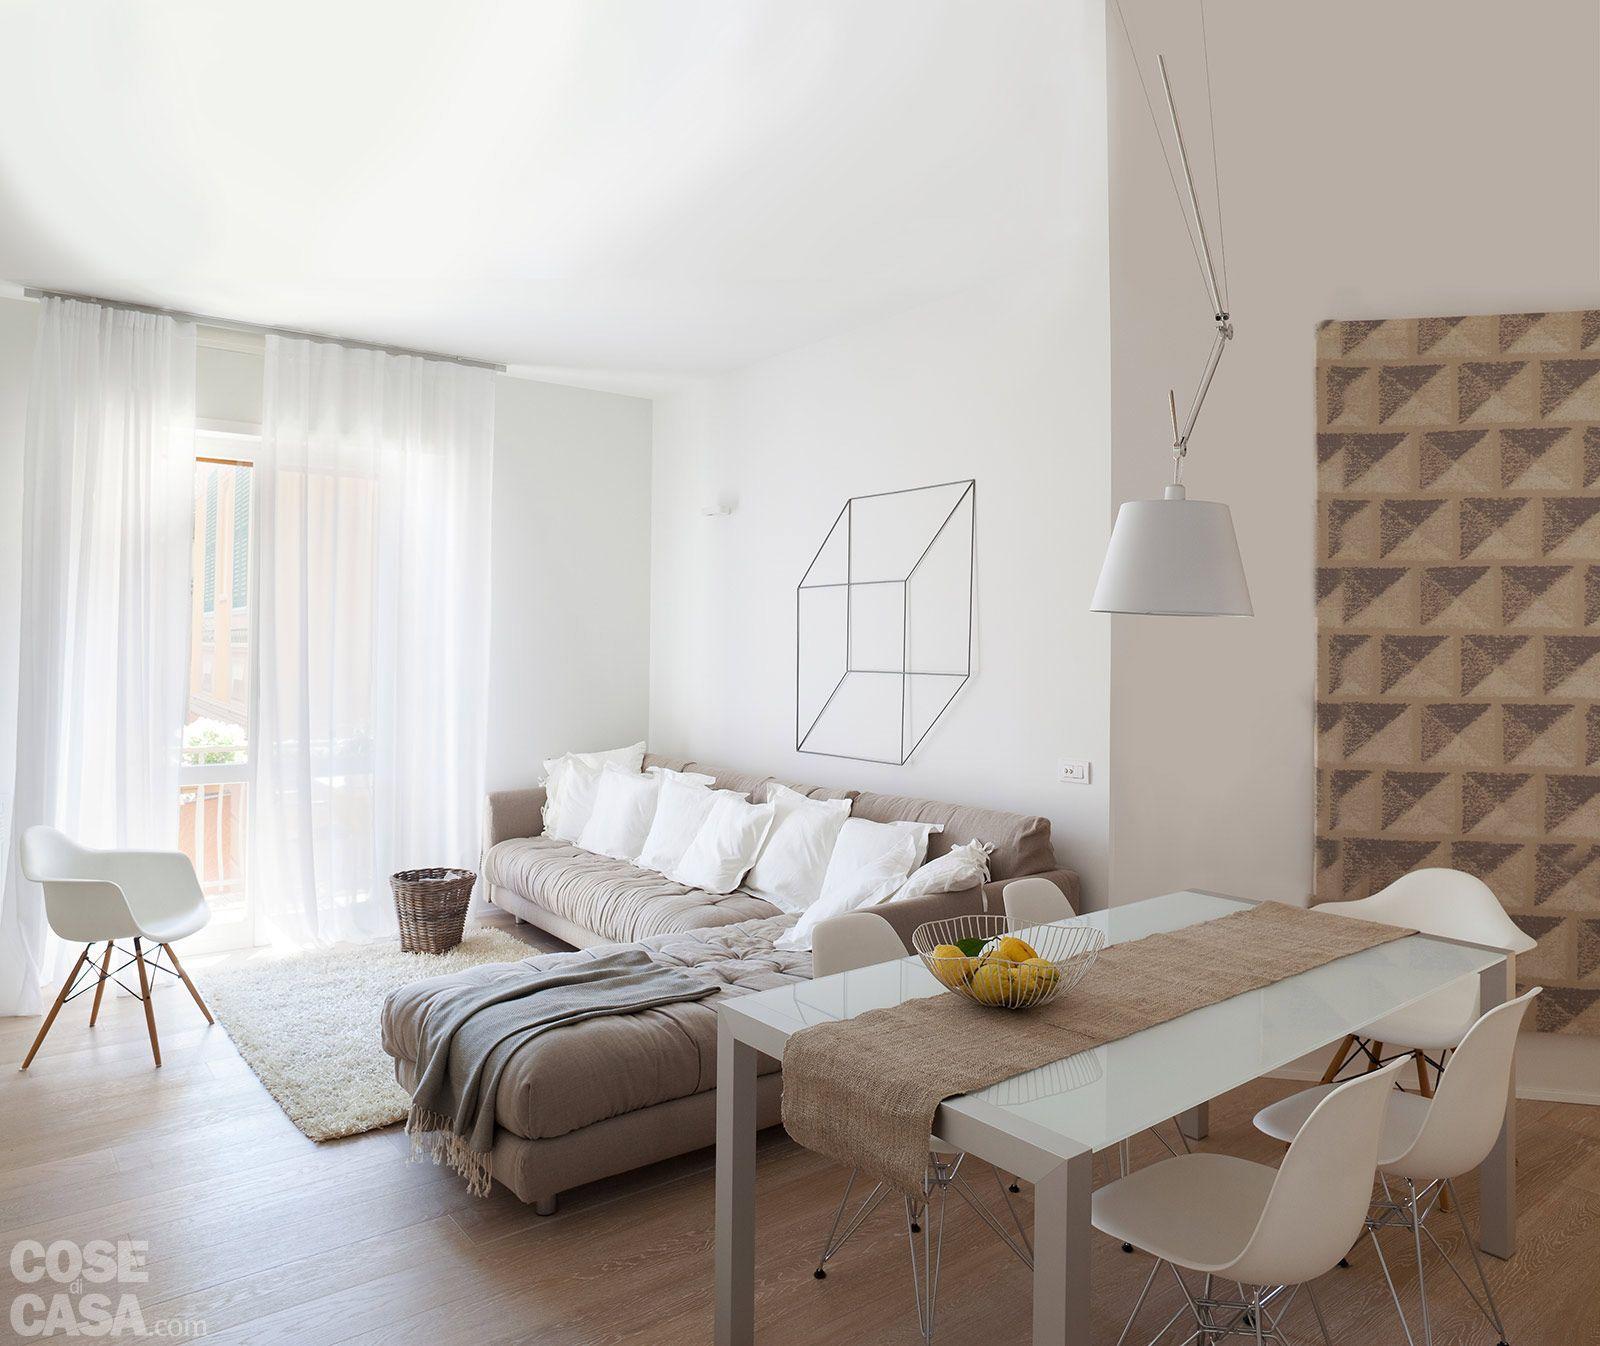 mq idee per far sembrare più grande la casa living rooms